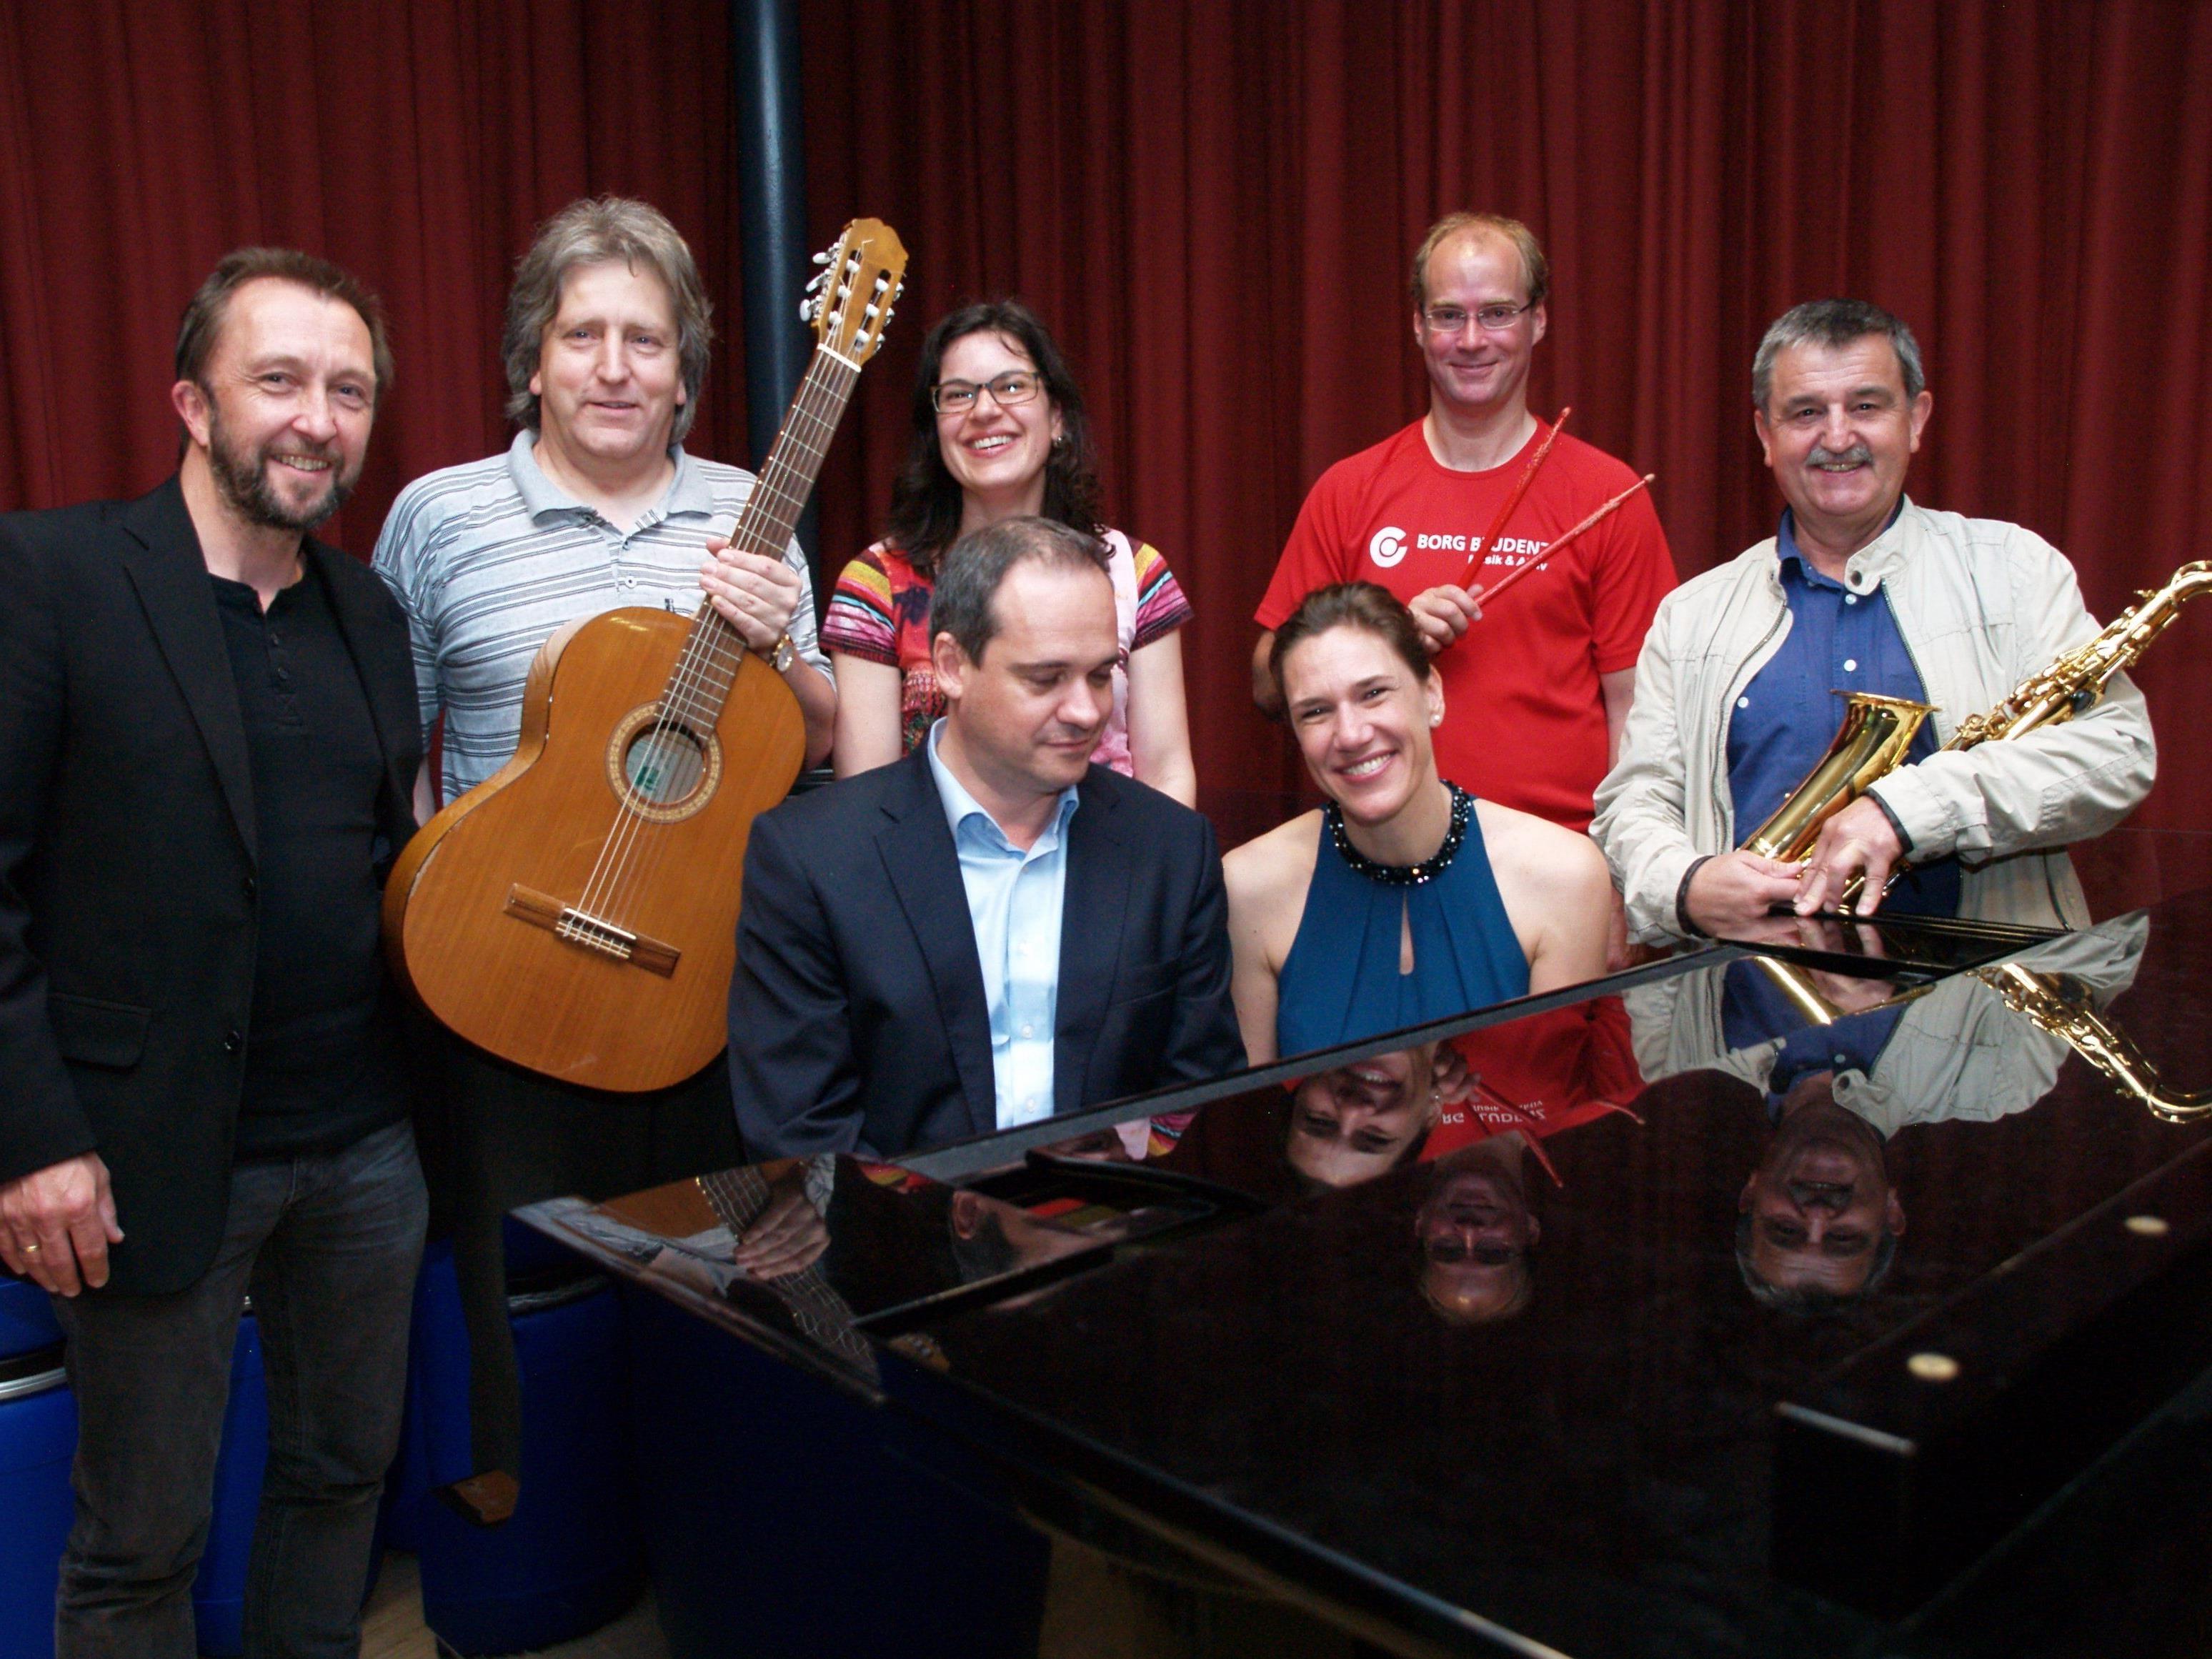 Die Musikprofessoren des BORG Musik & Aktiv studierten mit den Jugendlichen ein anspruchsvolles Programm ein.